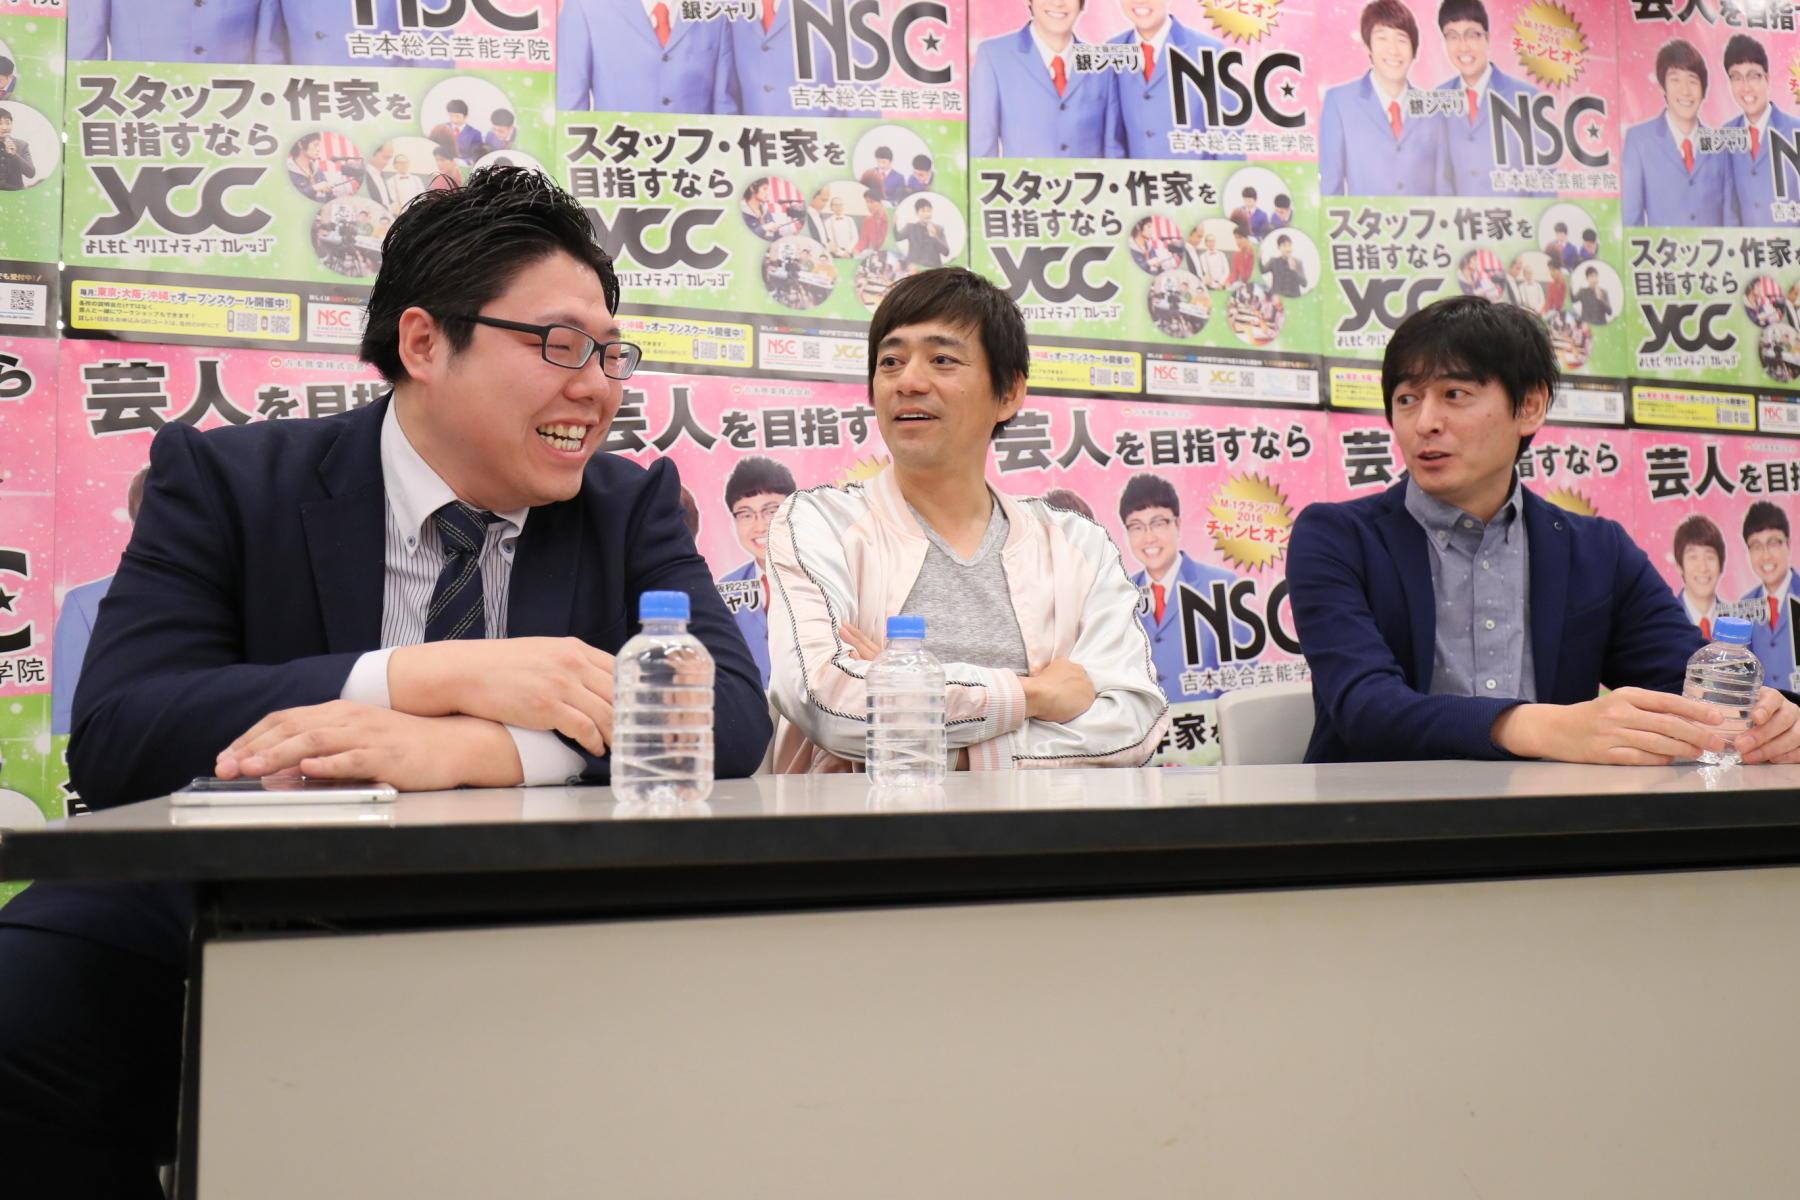 http://news.yoshimoto.co.jp/20170127230944-79d77ba9931439a95e3f08401c0547d6f34b58ef.jpg